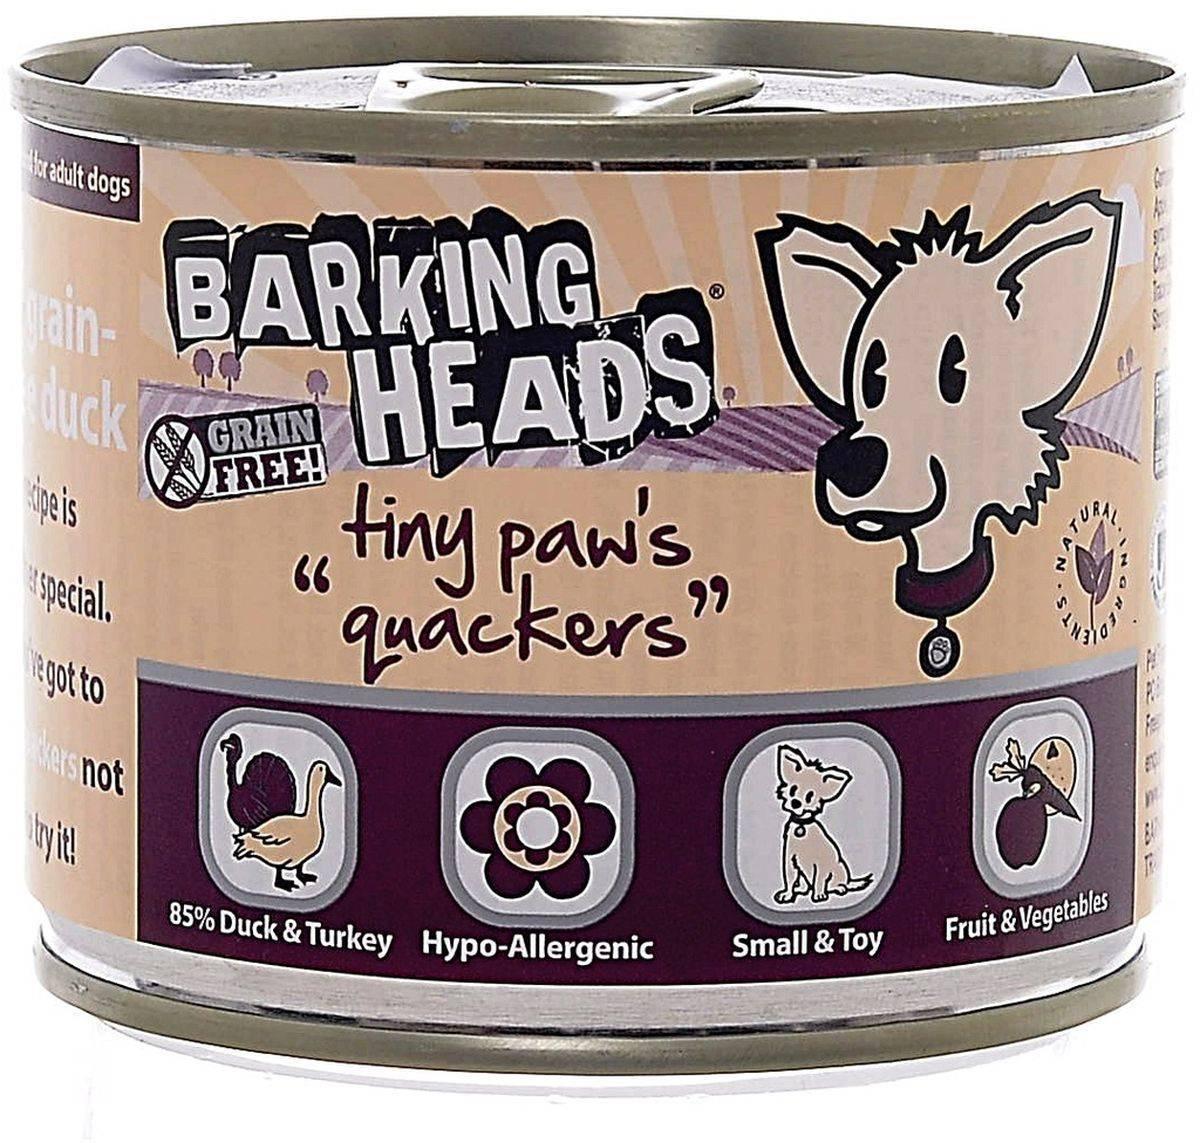 Корм для собак баркинг хедс: отзывы, состав и подробное поисание сухого корма